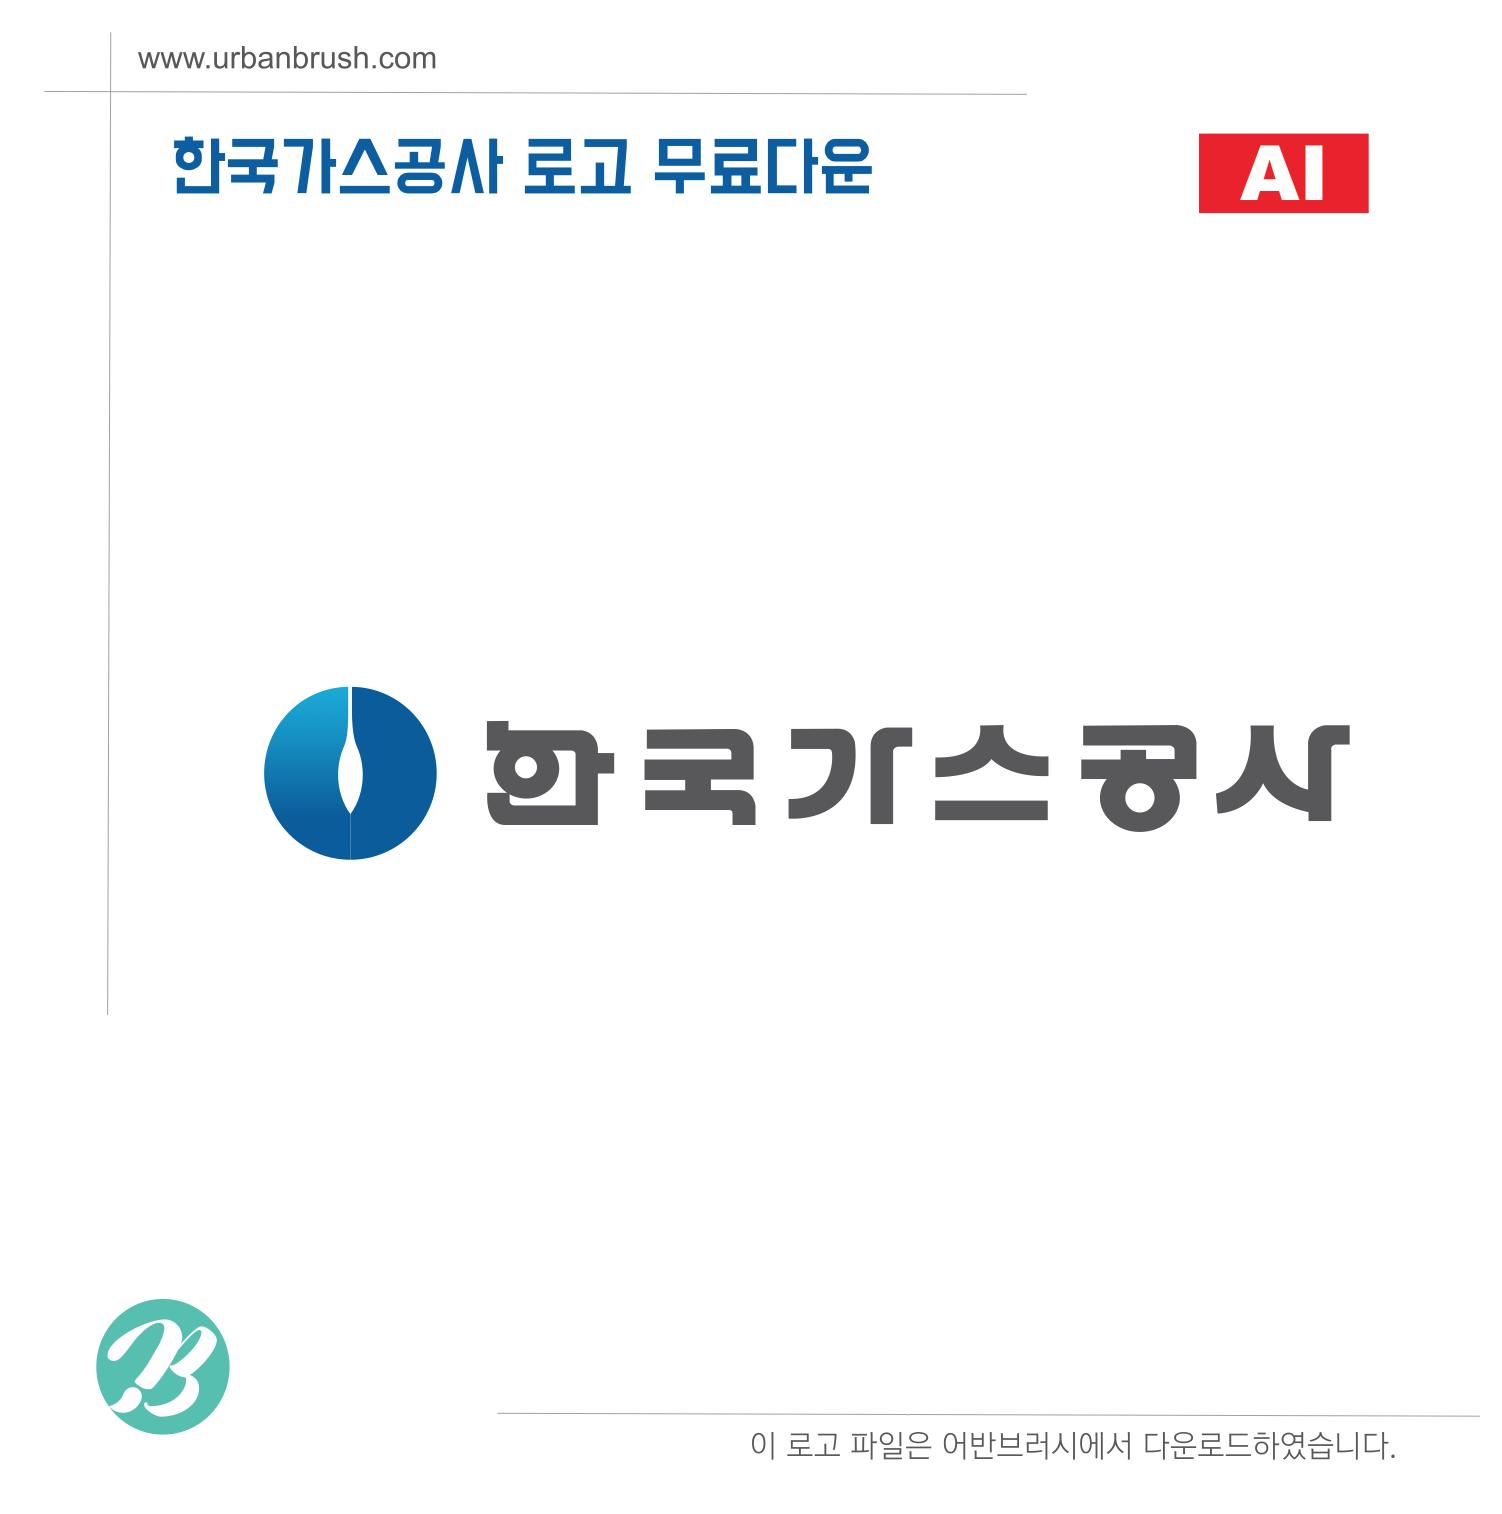 한국가스공사 로고 ai 무료다운로드 - Urbanbrush